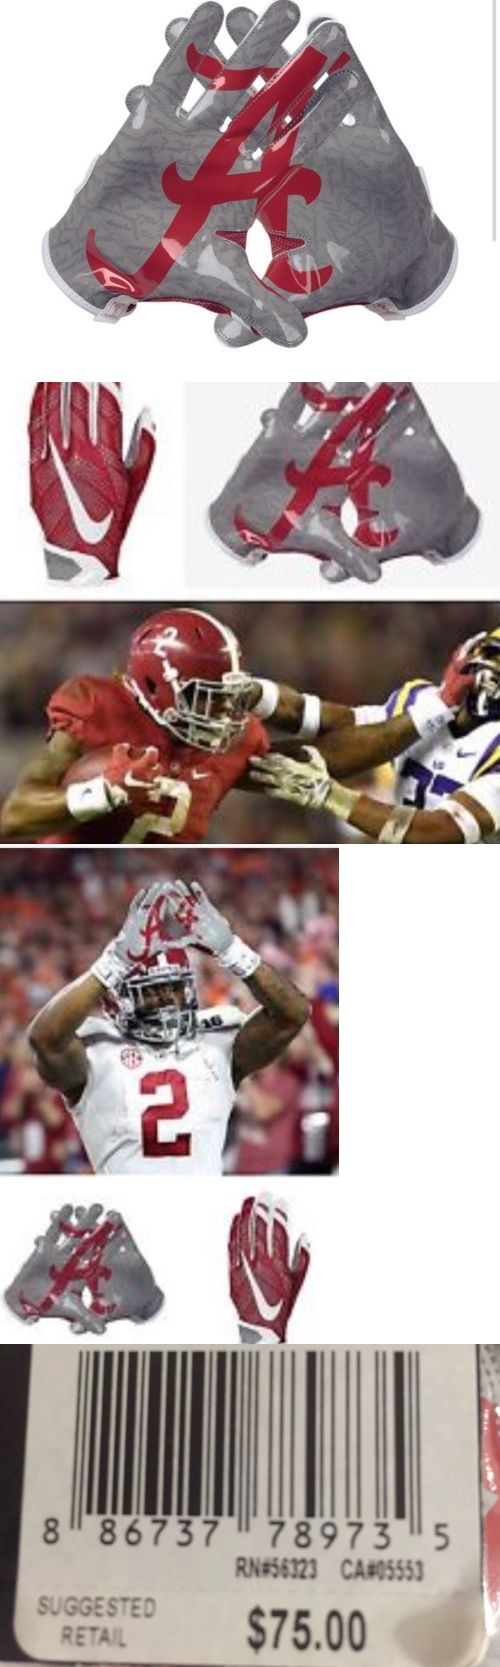 Gloves 159114: Alabama Crimson Tide Nike Vapor Knit Football Gloves Adult X Large-Derrick Henry BUY IT NOW ONLY: $44.99